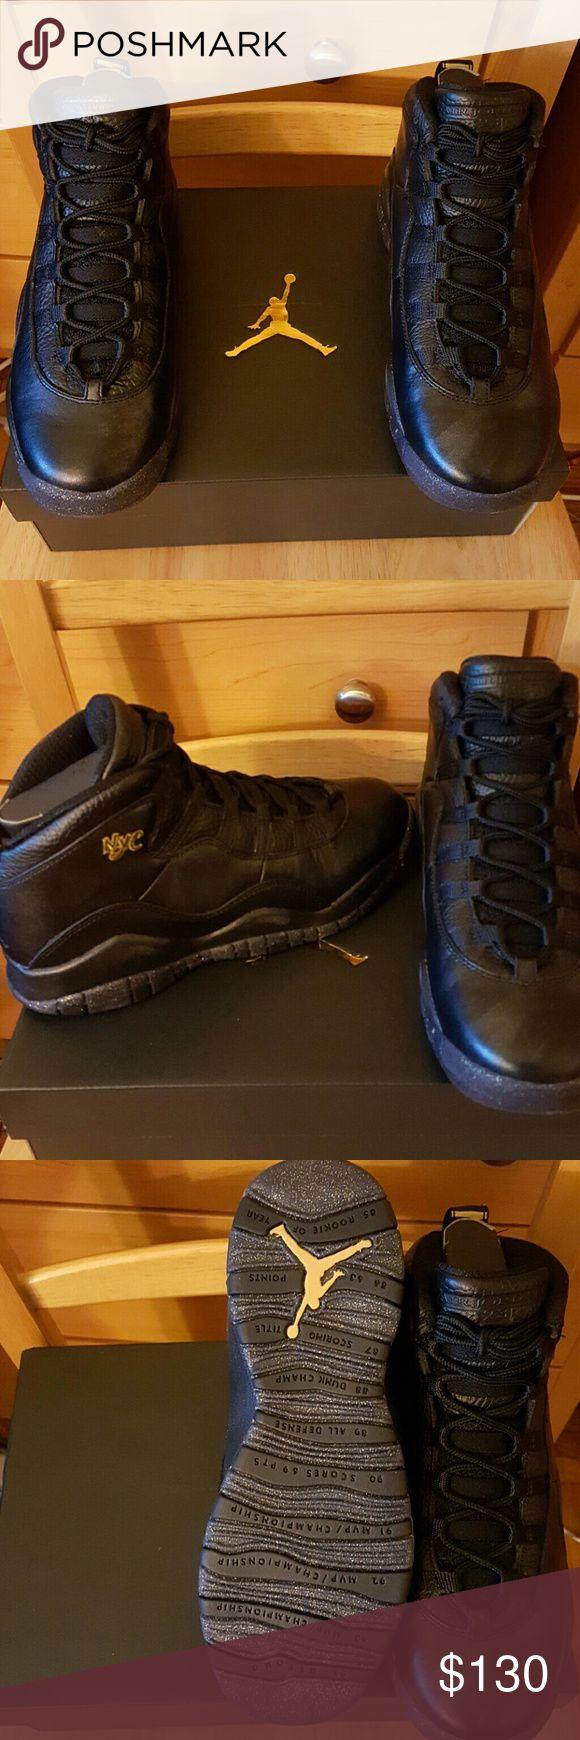 FINAL DROP* BRAND NEW NIKE AIR JORDAN RETRO 10 Brand new Air Jordan retro 10 in black and gold Air Jordan  Shoes Sneakers